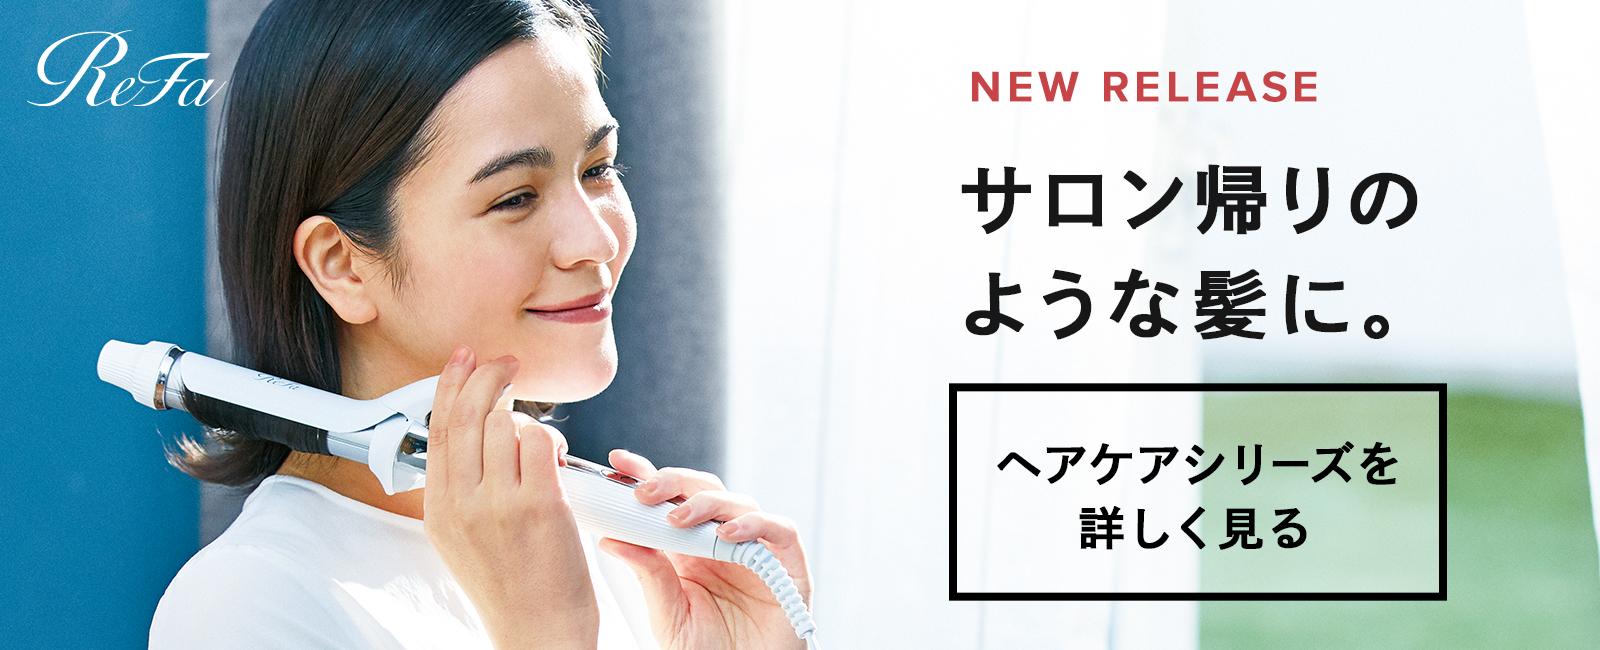 【新発売】ReFa ヘアケア商品